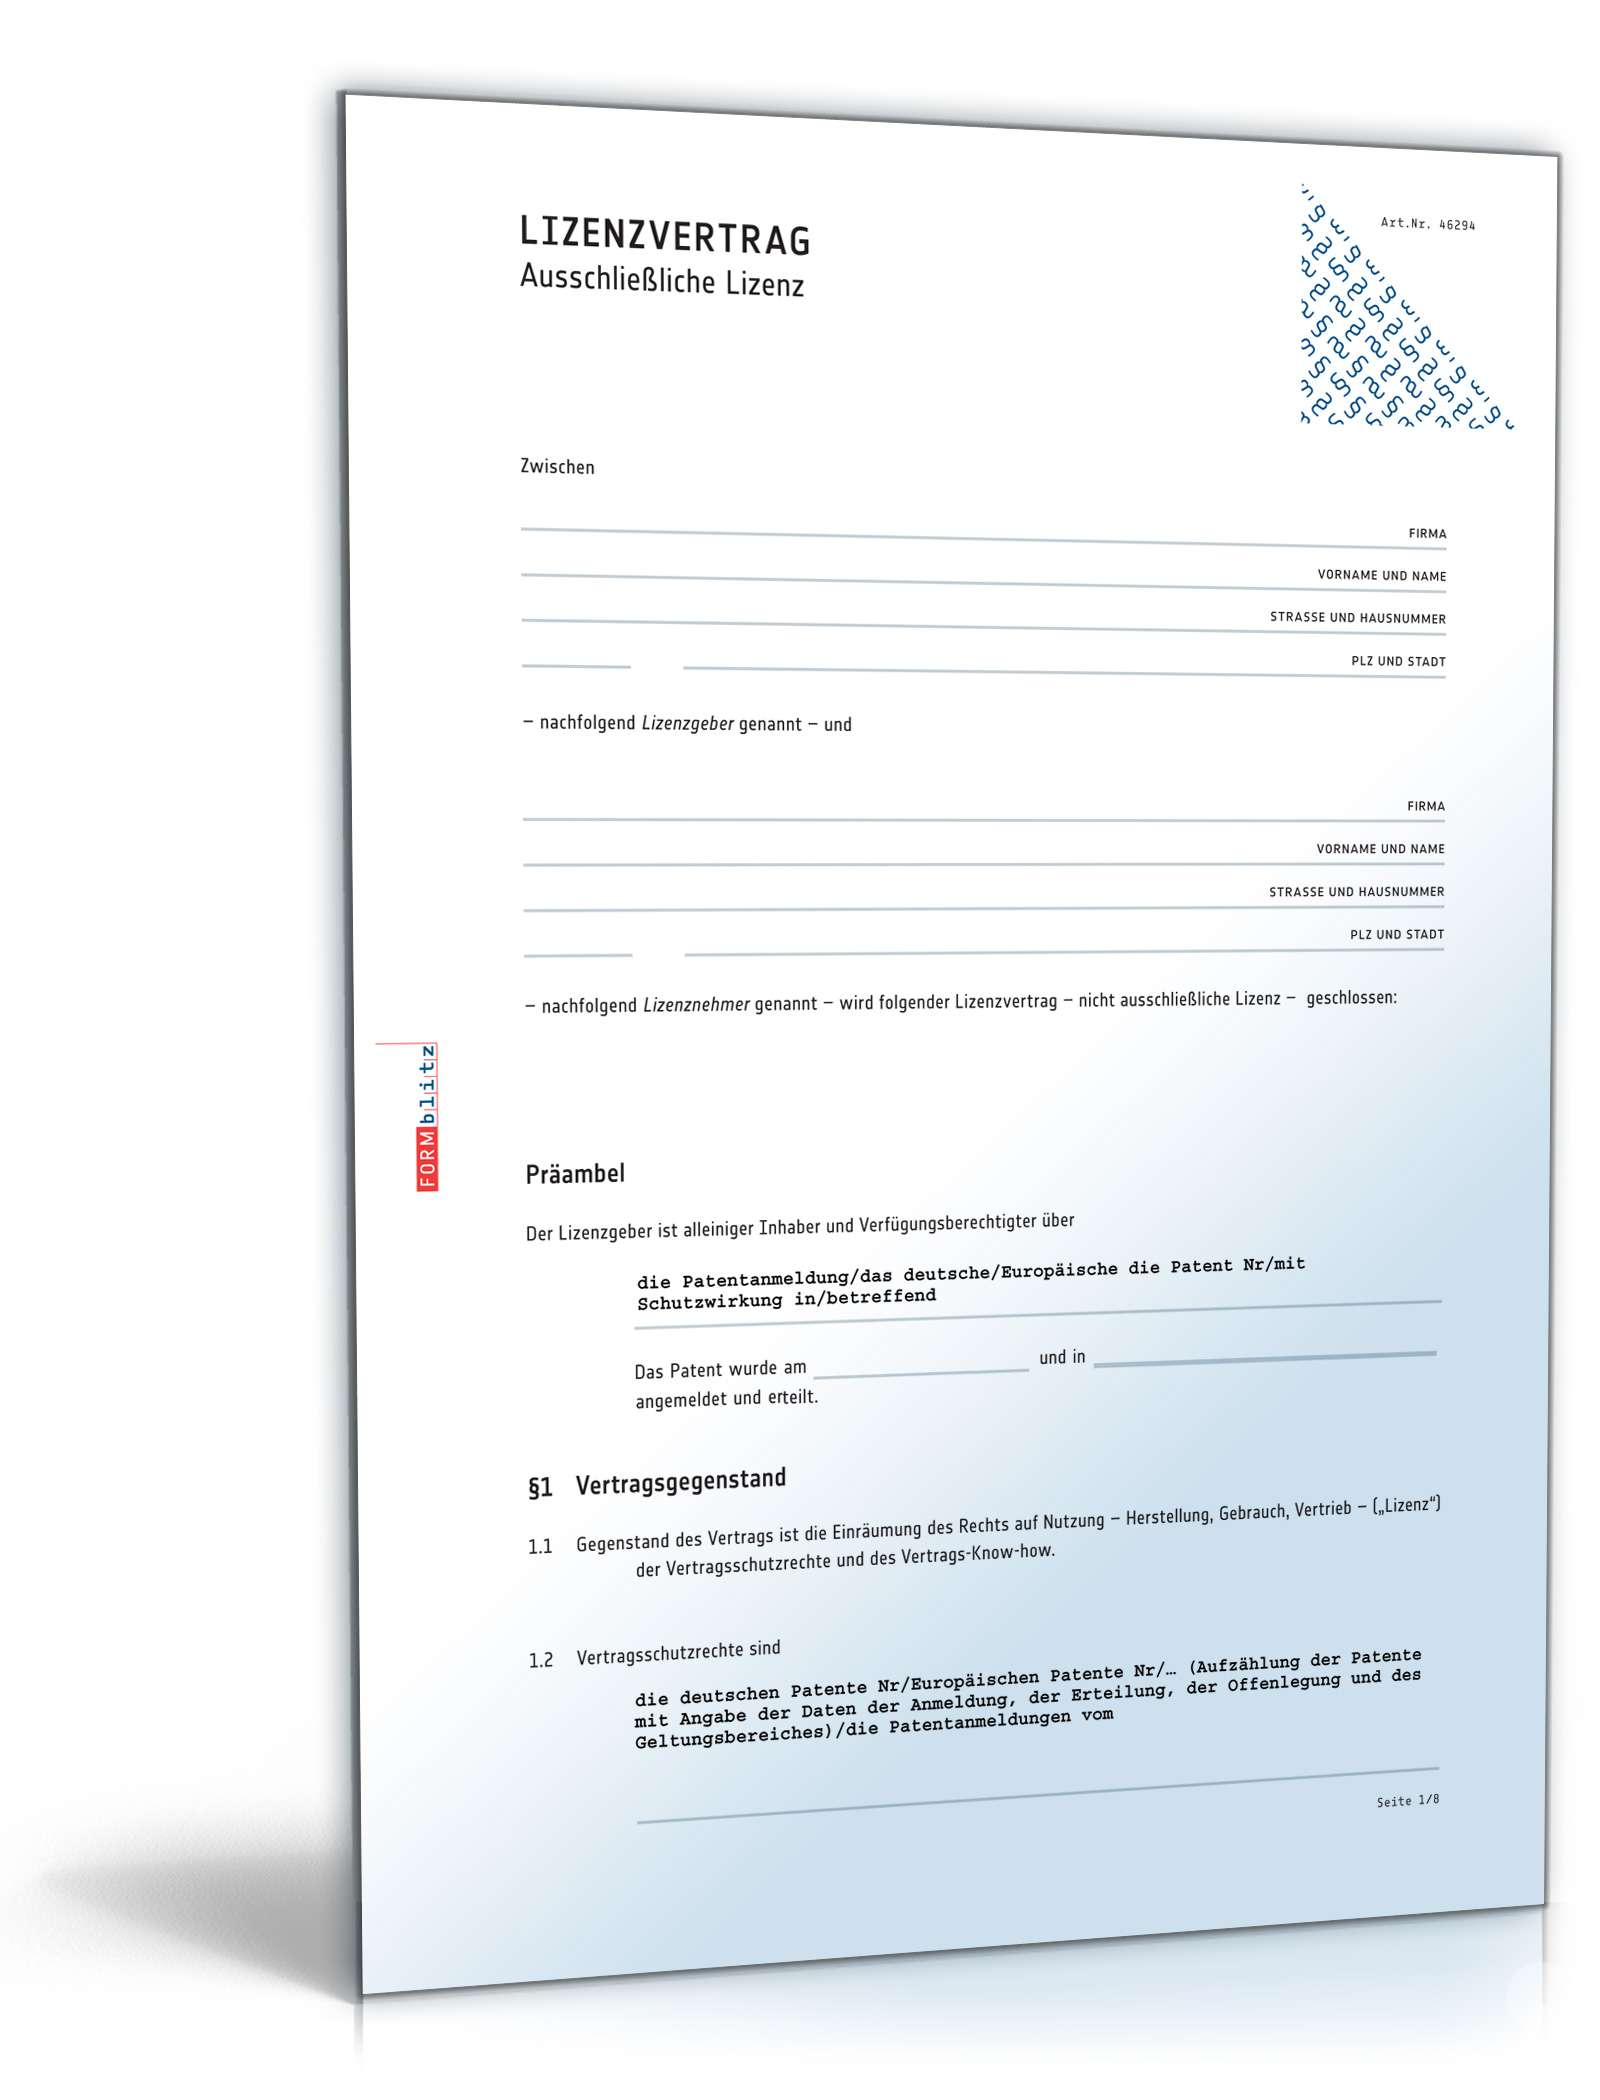 lizenzvertrag ausschlieliche lizenz muster zum download - Lizenzvertrag Muster